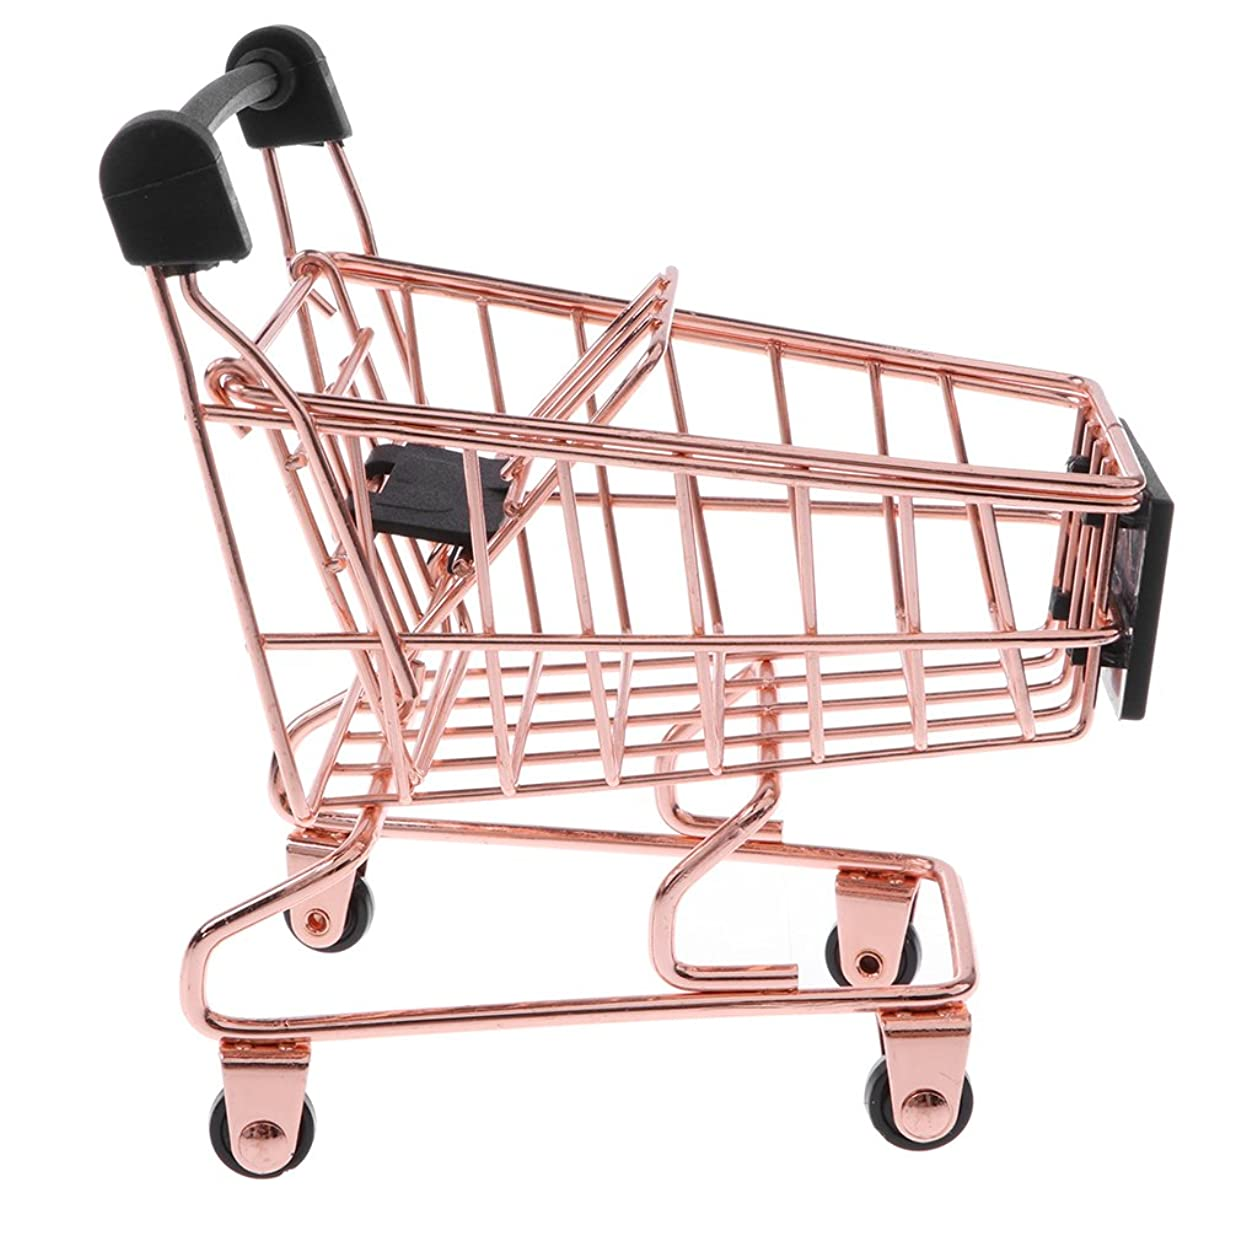 落ち着いた愚かな優雅な全2サイズ選べる ミニショッピングカート 買い物かご 子ども ごっこ遊び ふり遊びおもちゃ 贈り物 ローズゴールド - 11.5 x 8.5 x 12 cm